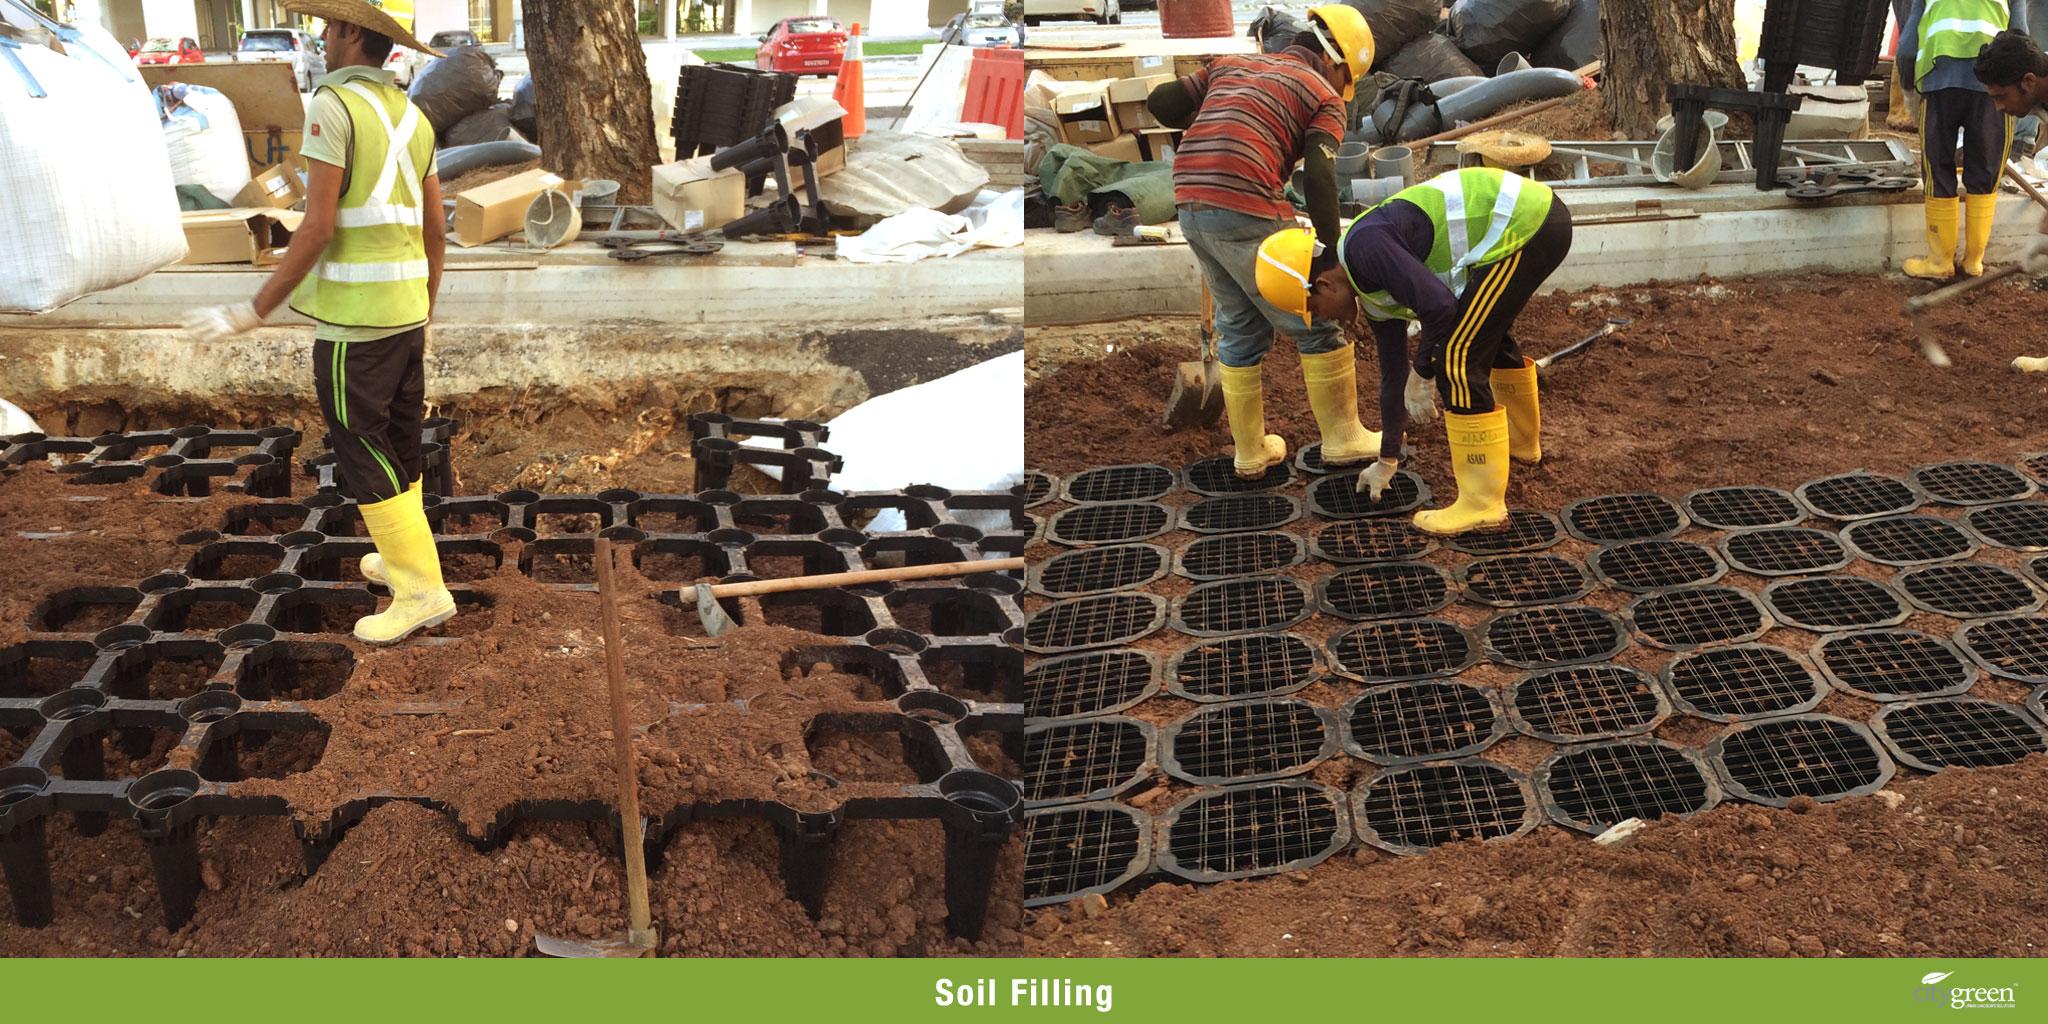 Soil-Filling